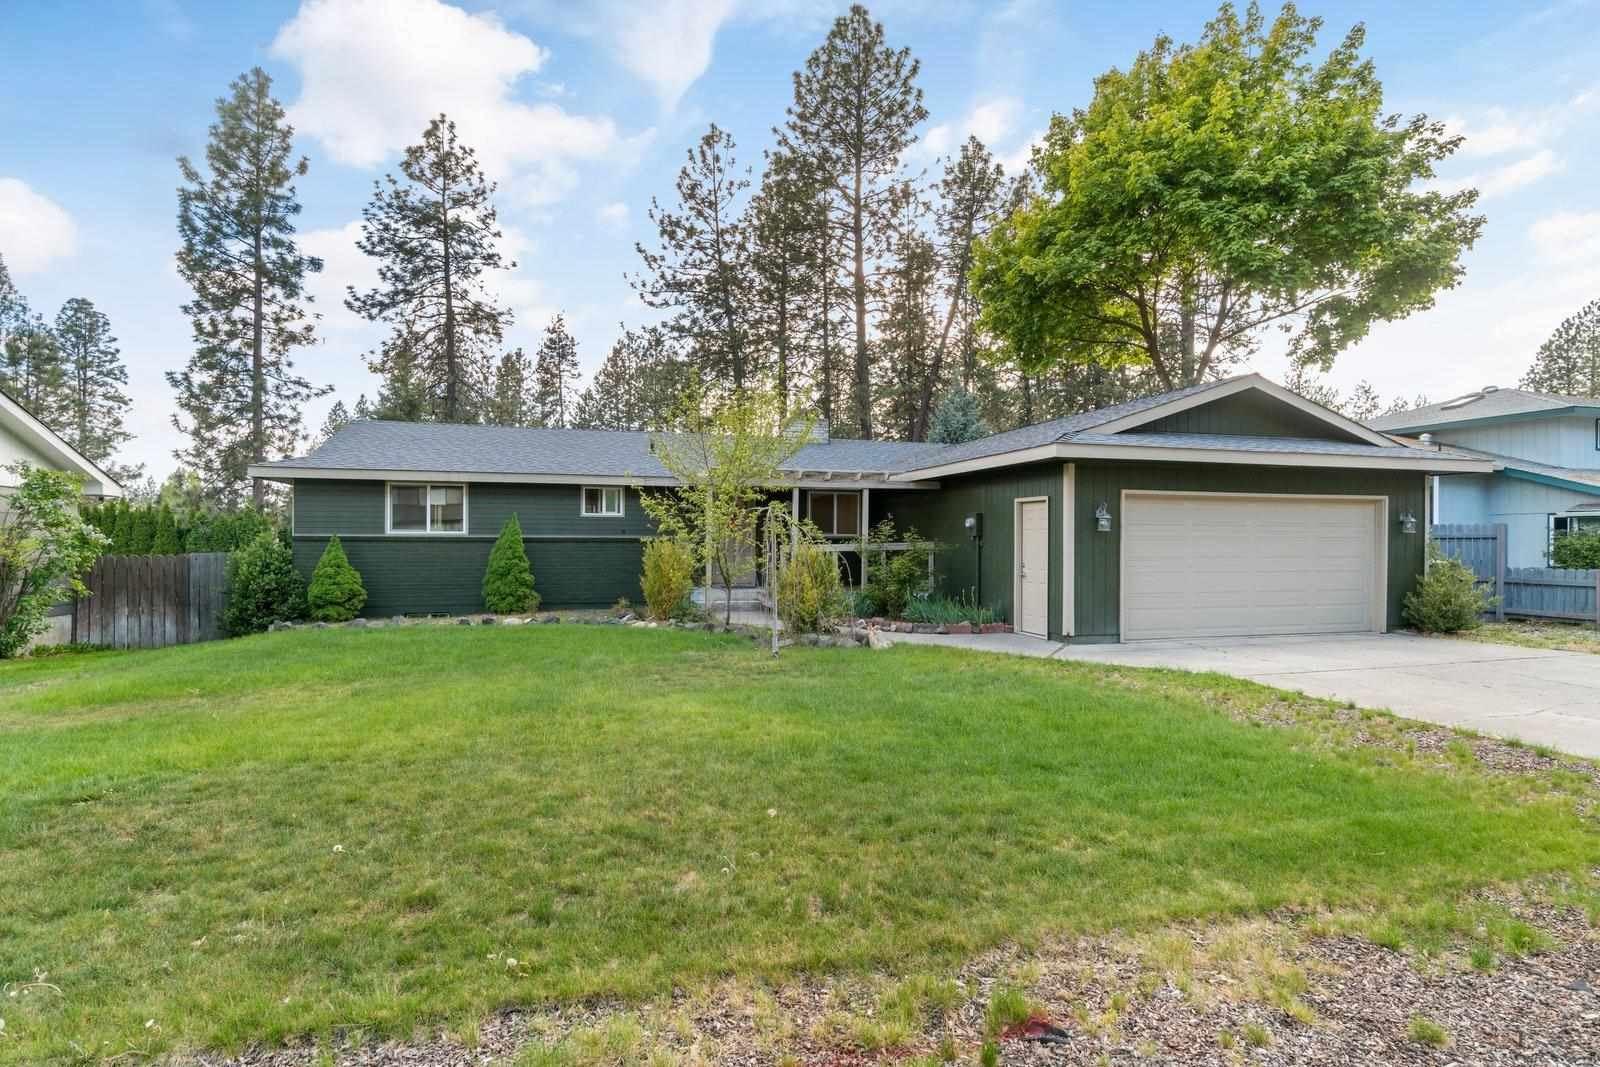 8511 N Valerie St, Spokane, WA 99208 - #: 202115418